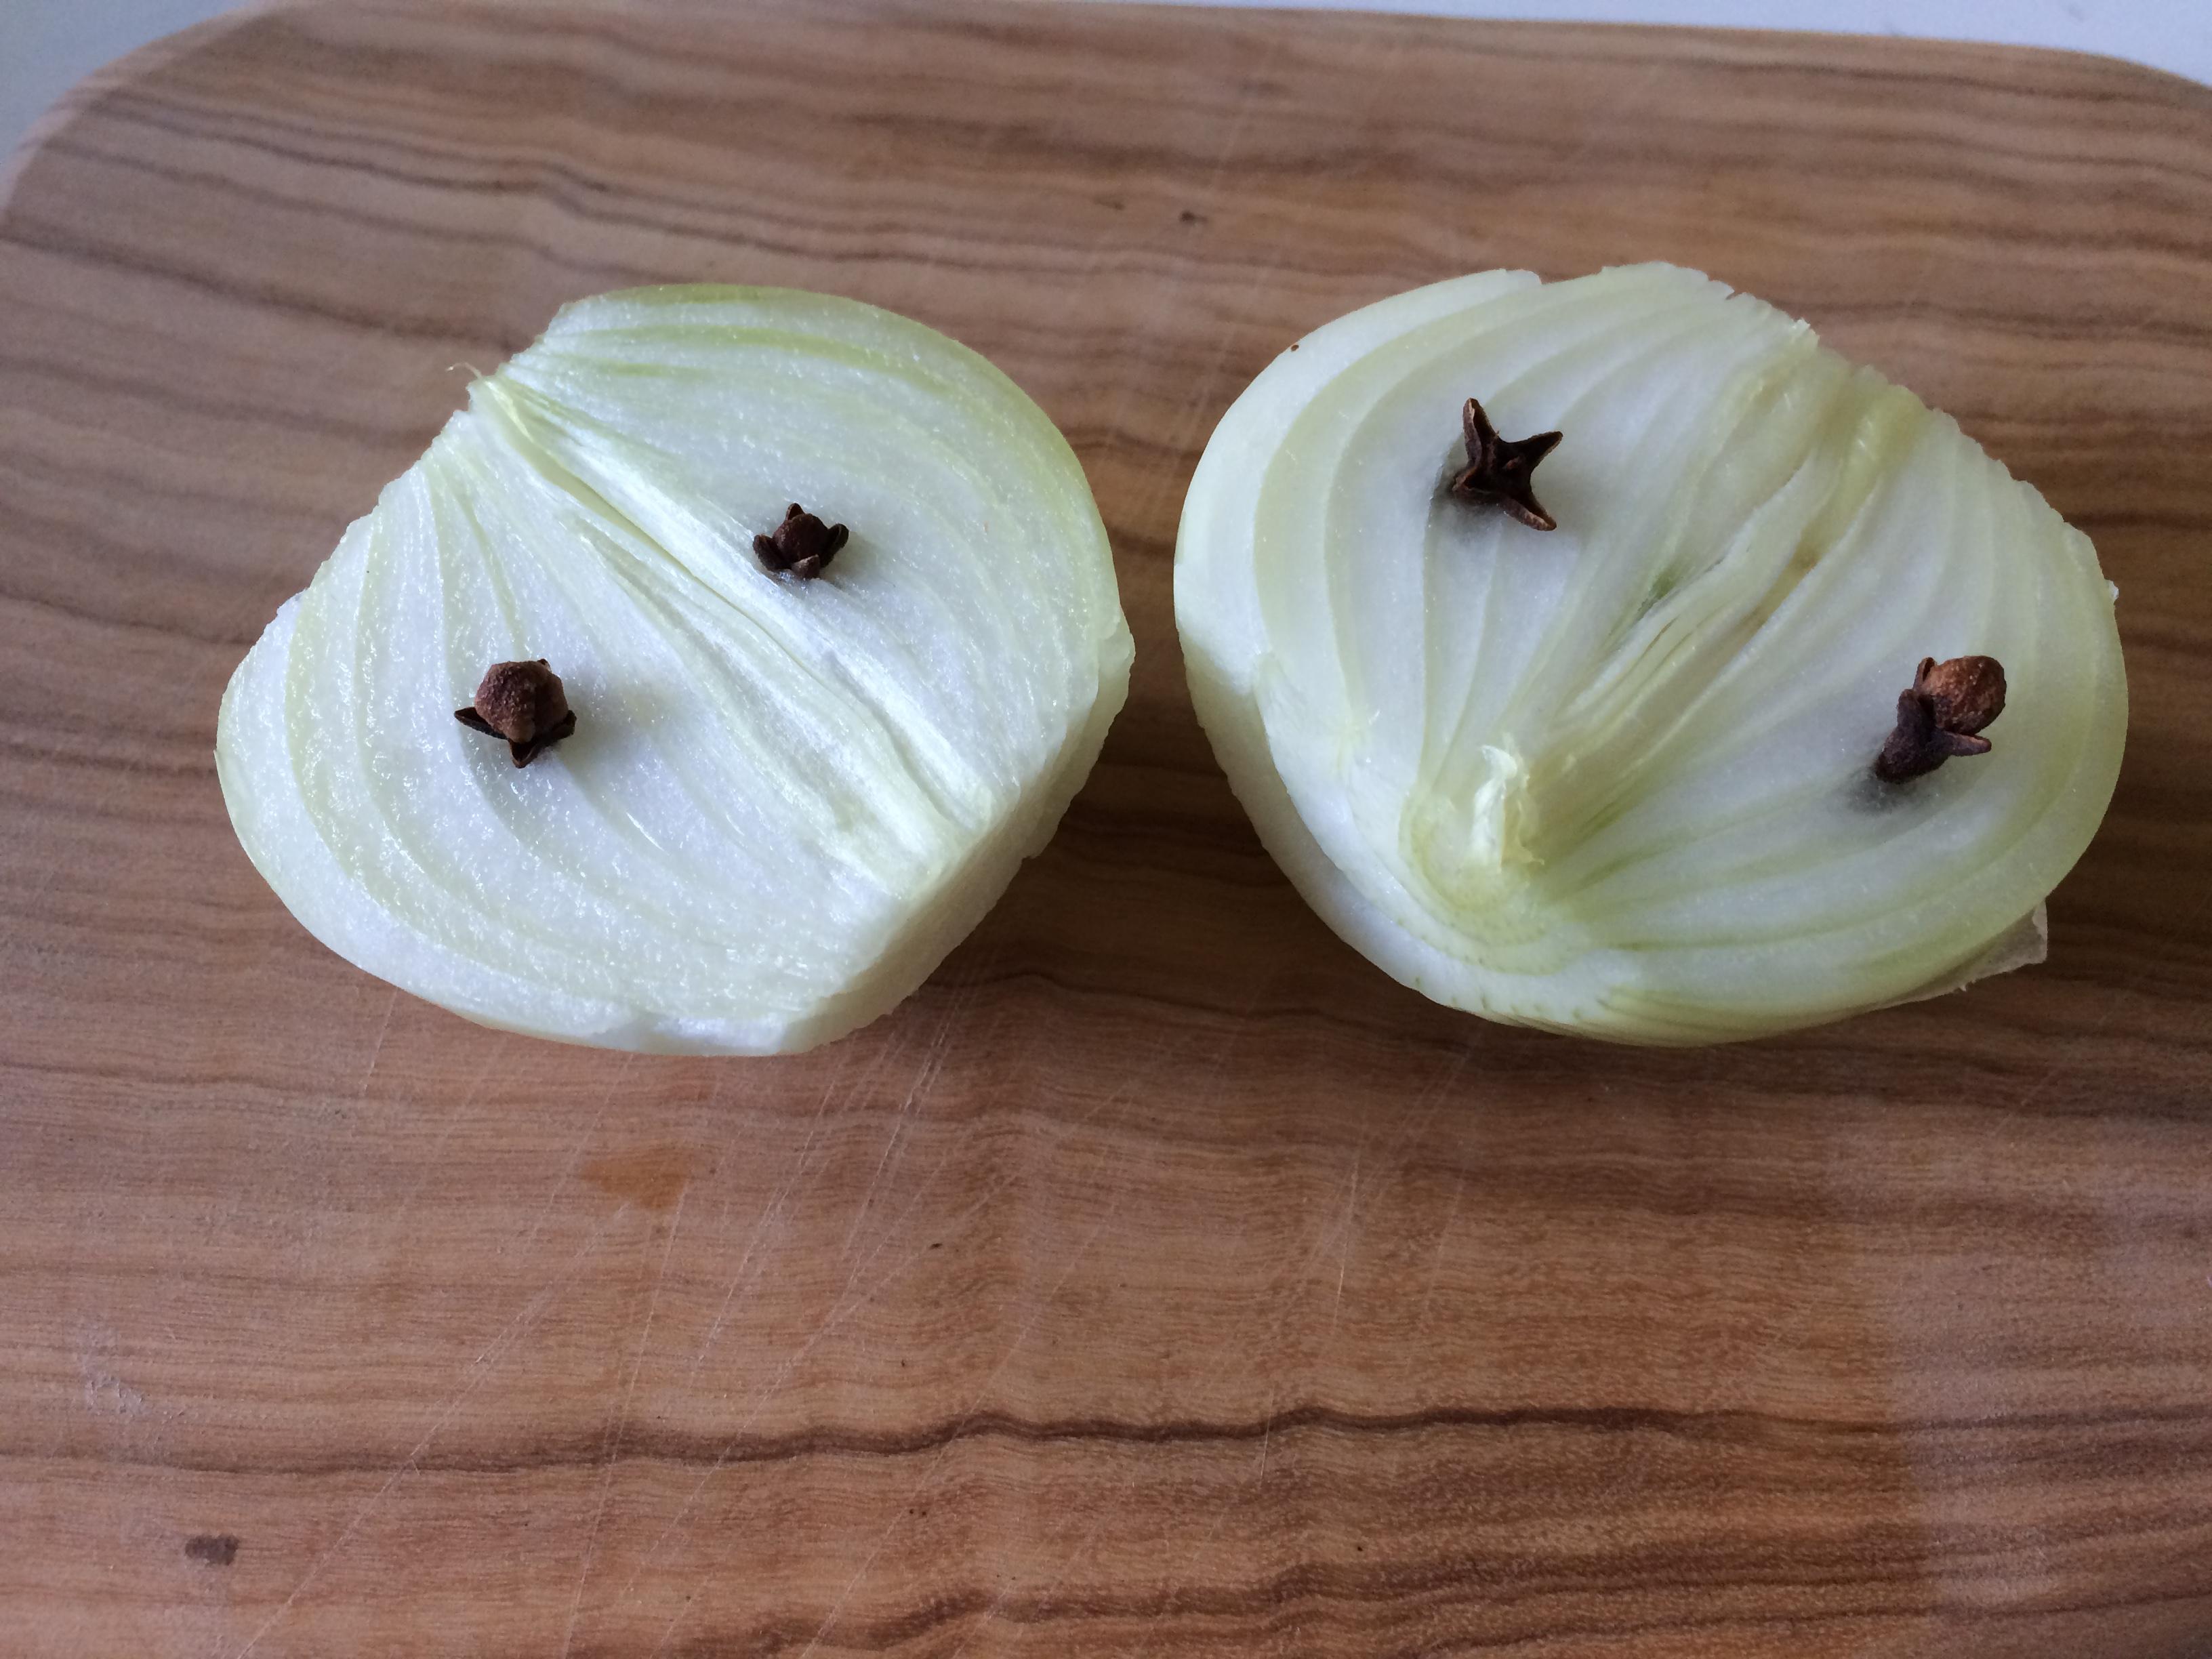 Oignons piqués de clous de girofle - Feijoada à portuguesa - latabledejacinta.com